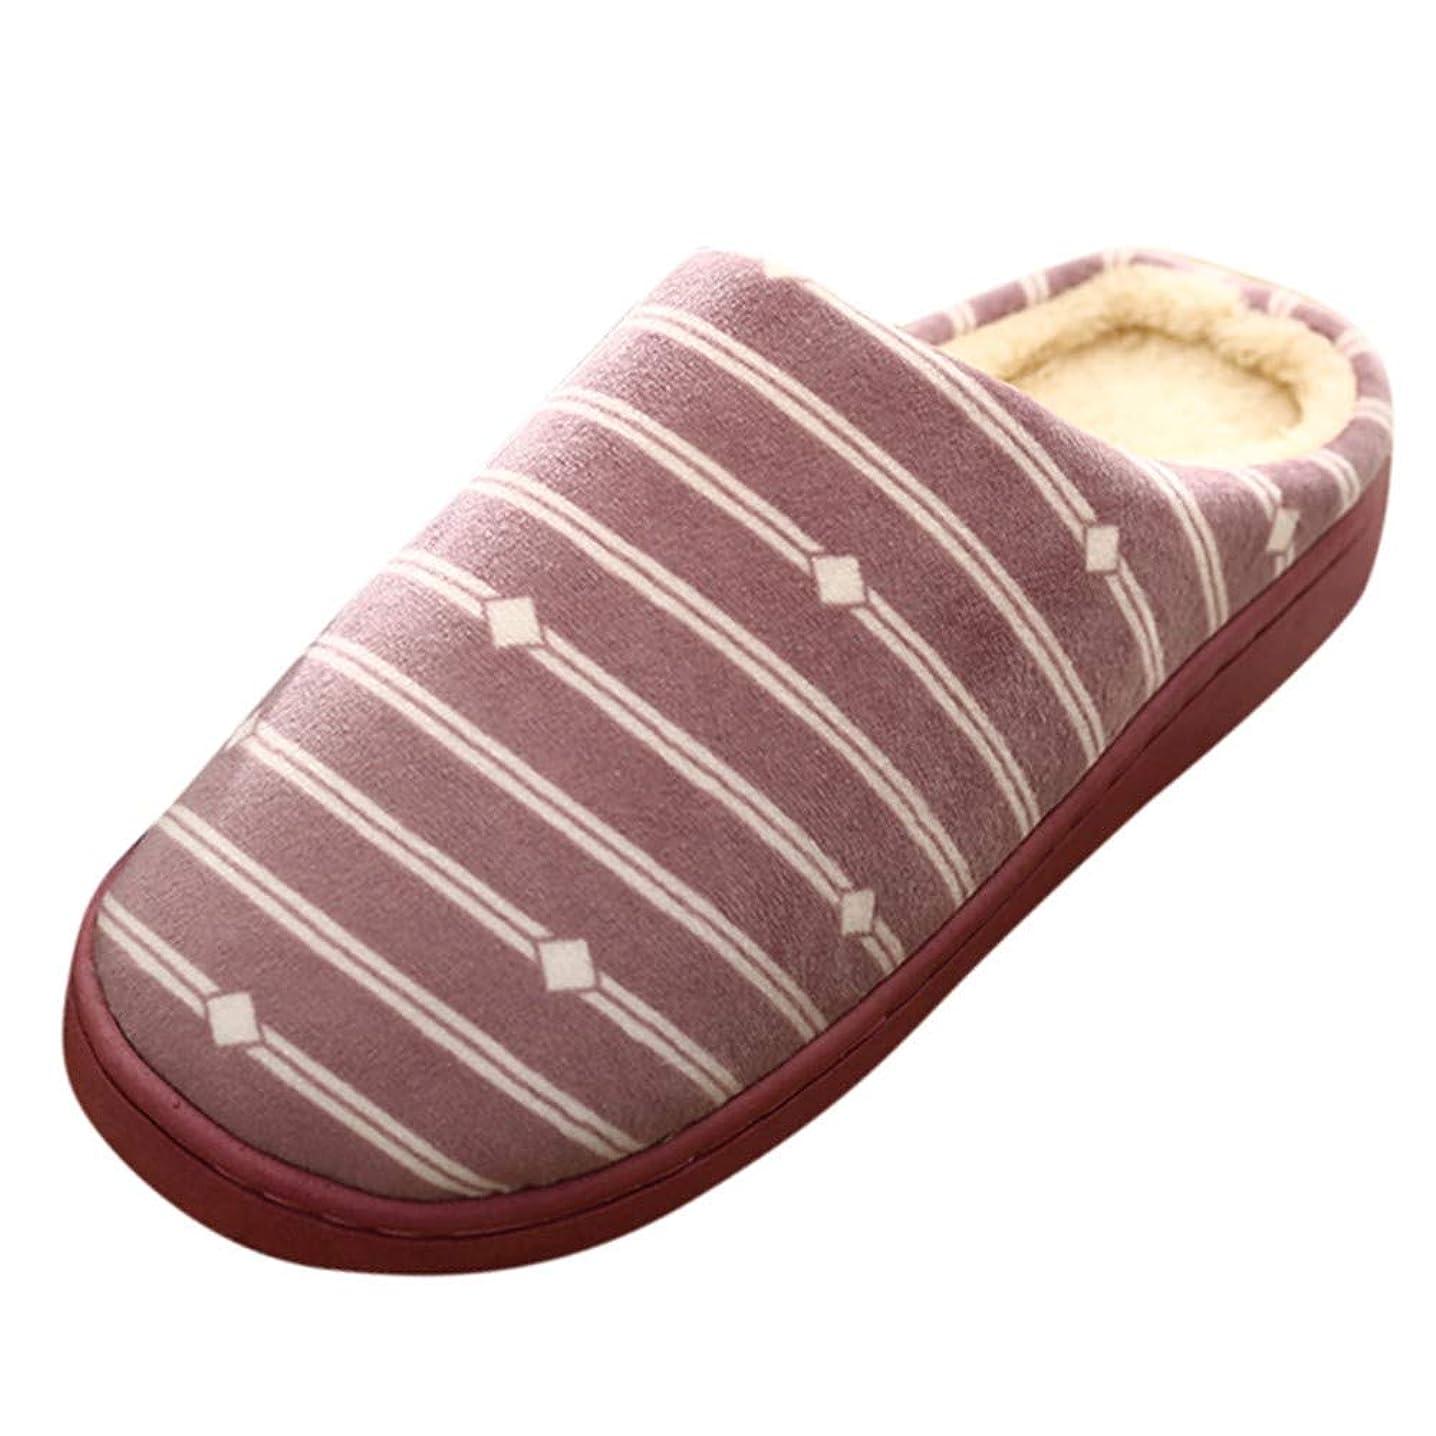 掃く危険にさらされている貸すFeteso ルームシューズ スリッパ レディース 冬 室内履きスリッパ 滑り止め 防寒 暖かい? 冬用 歩きやすい 抗菌衛生 濯可スリッパ 旅行用 超軽量Women Warm Soft Slippers Bedroom Shoes 5スタイル